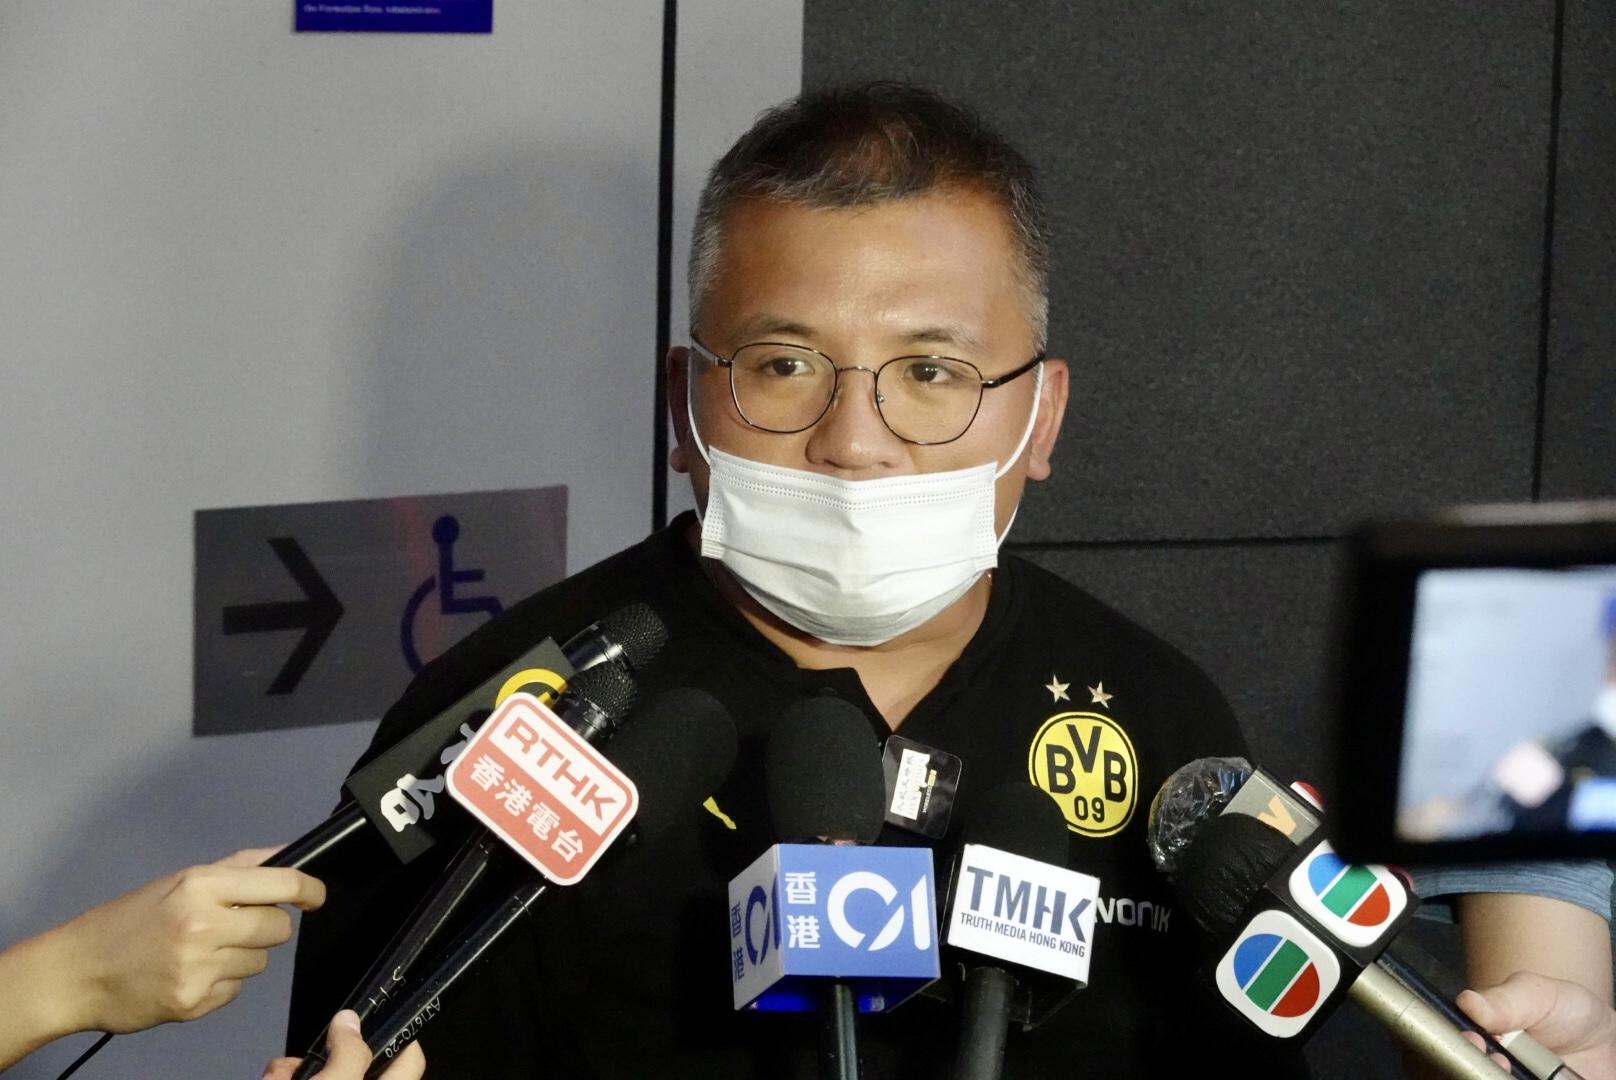 陳朗昇表示,正值香港新聞界風雨飄搖時刻,呼籲各同業繼續謹守崗位,記協會與各位共勉前行。(余鋼/大紀元)